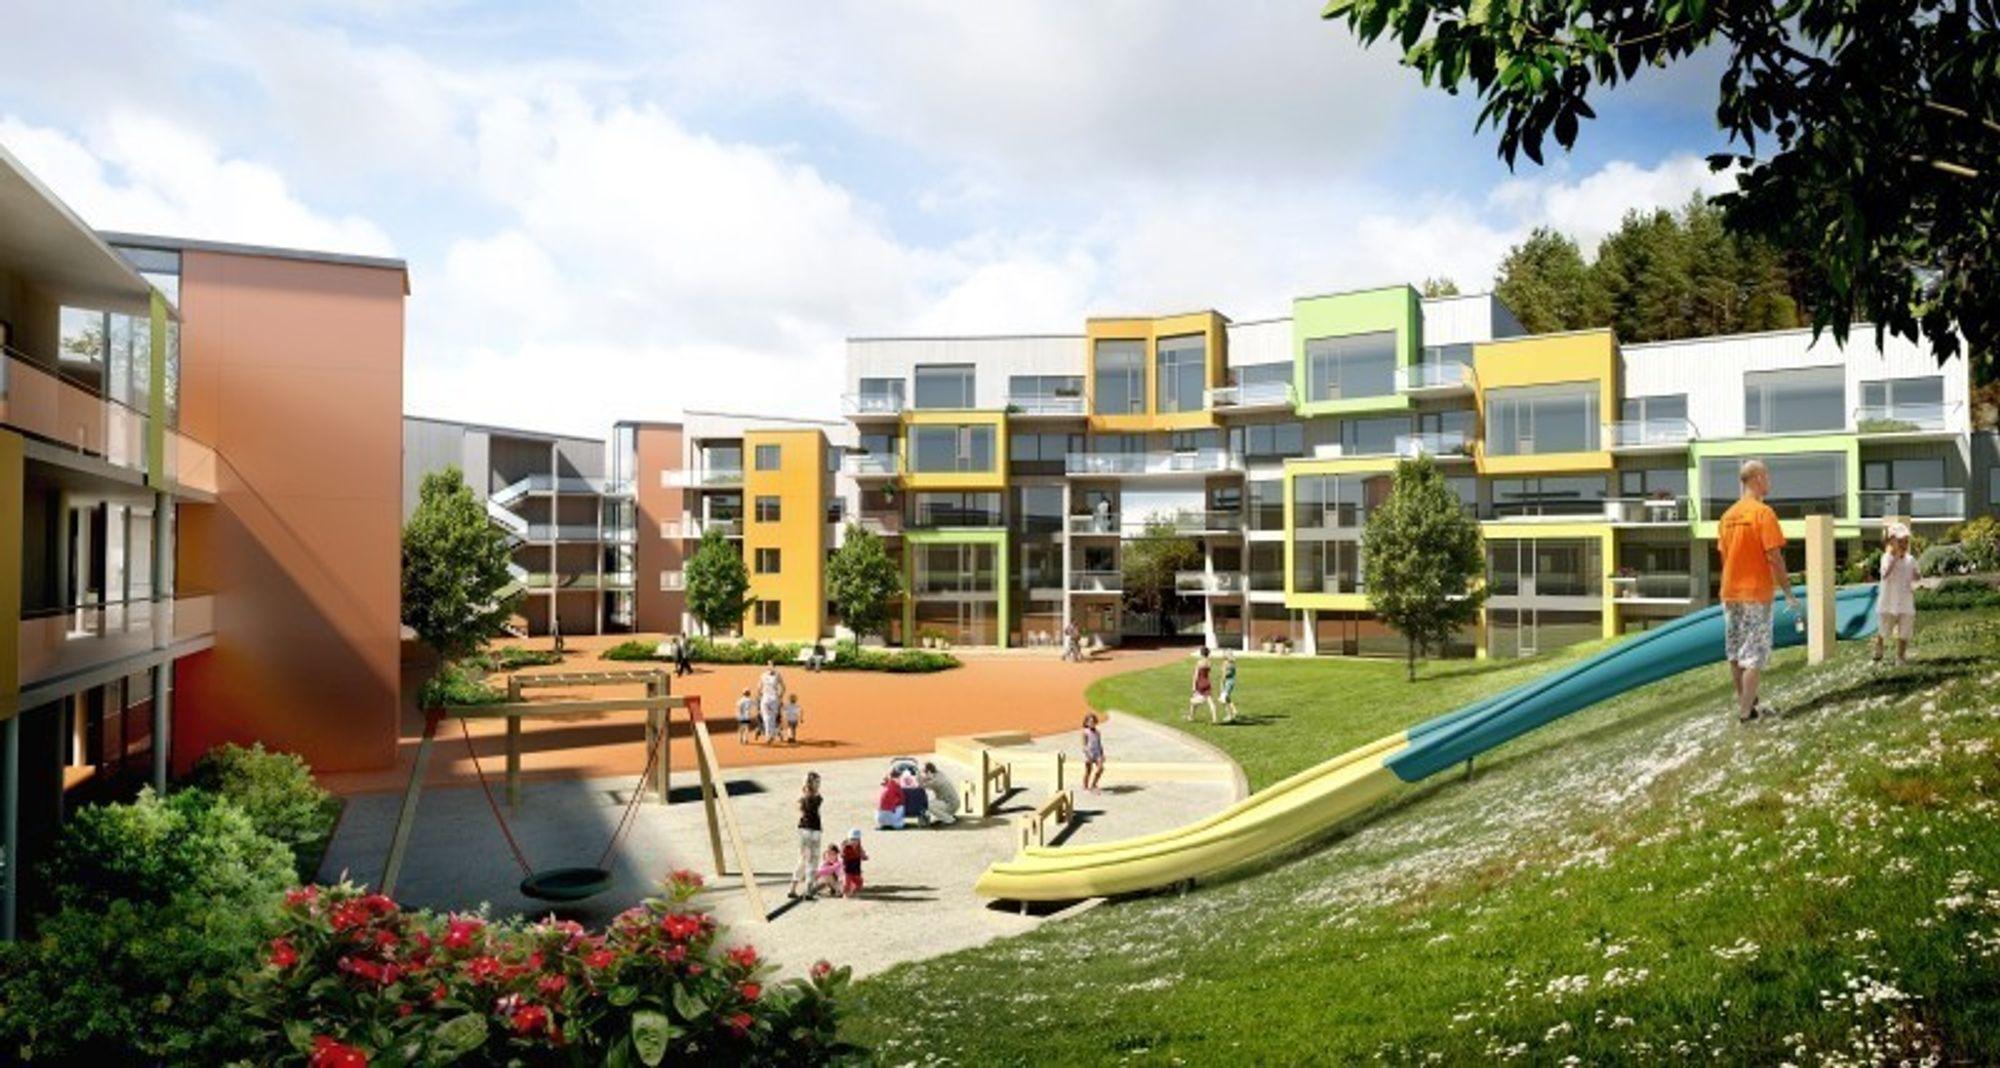 HABILITET: En av kandiatene til årets pris er lavernergiboligene i Løvåshagen i Bergen. Der er både Sintef Byggforsk og ByBo som begge sitter i juryen involvert, i tillegg er Husbanken involvert som er sekretariat for juryen.